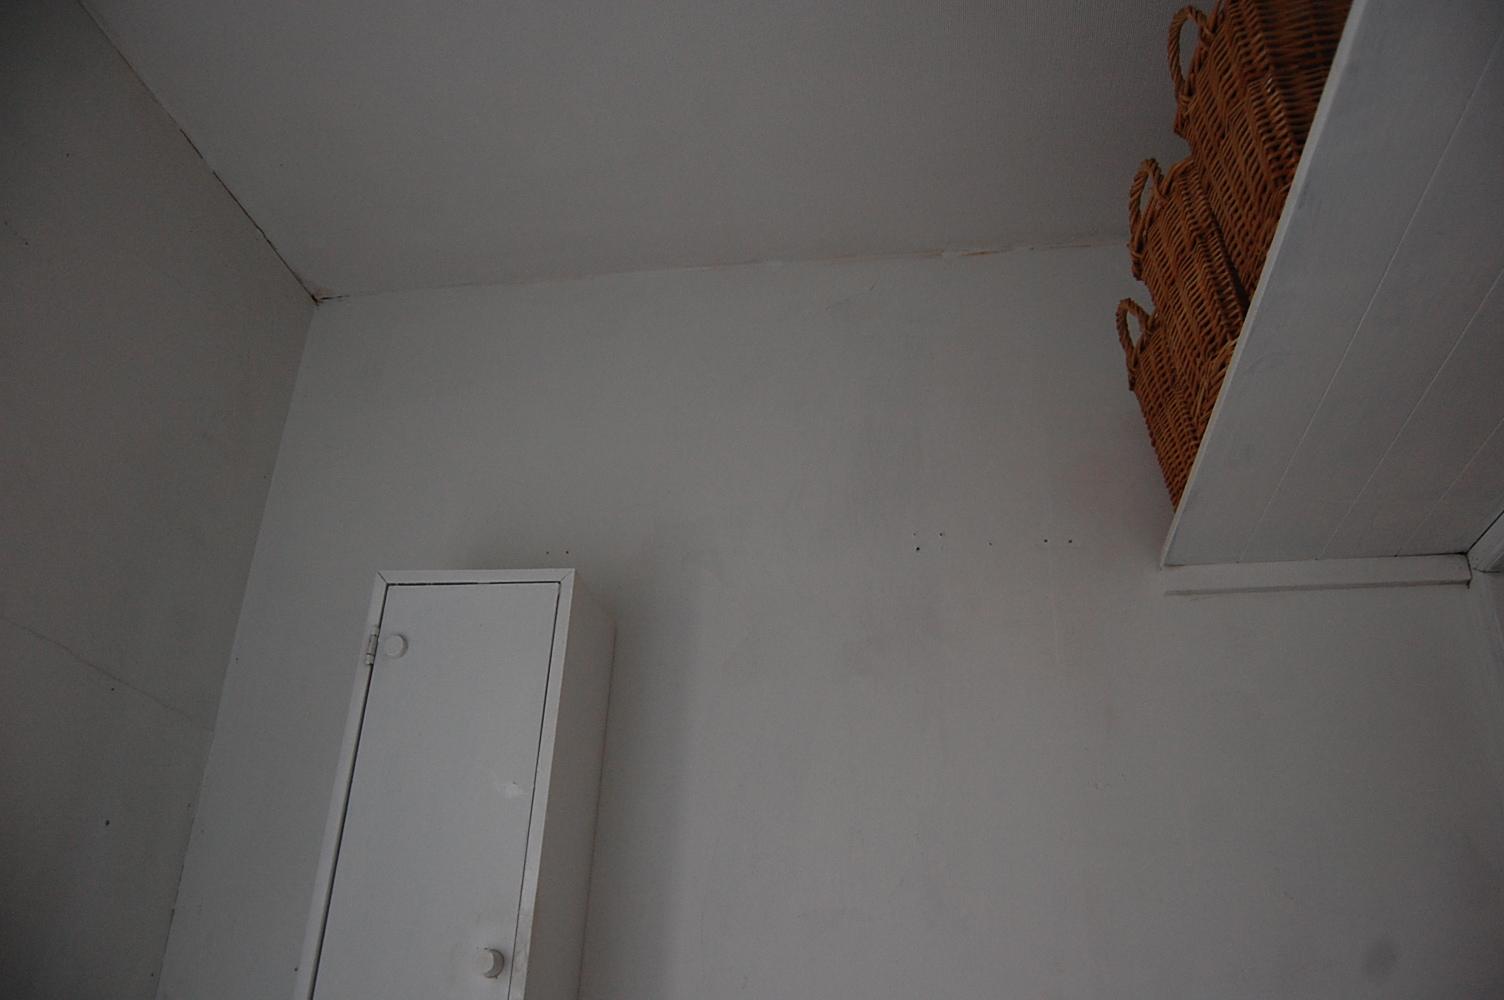 f0174470_15454544.jpg